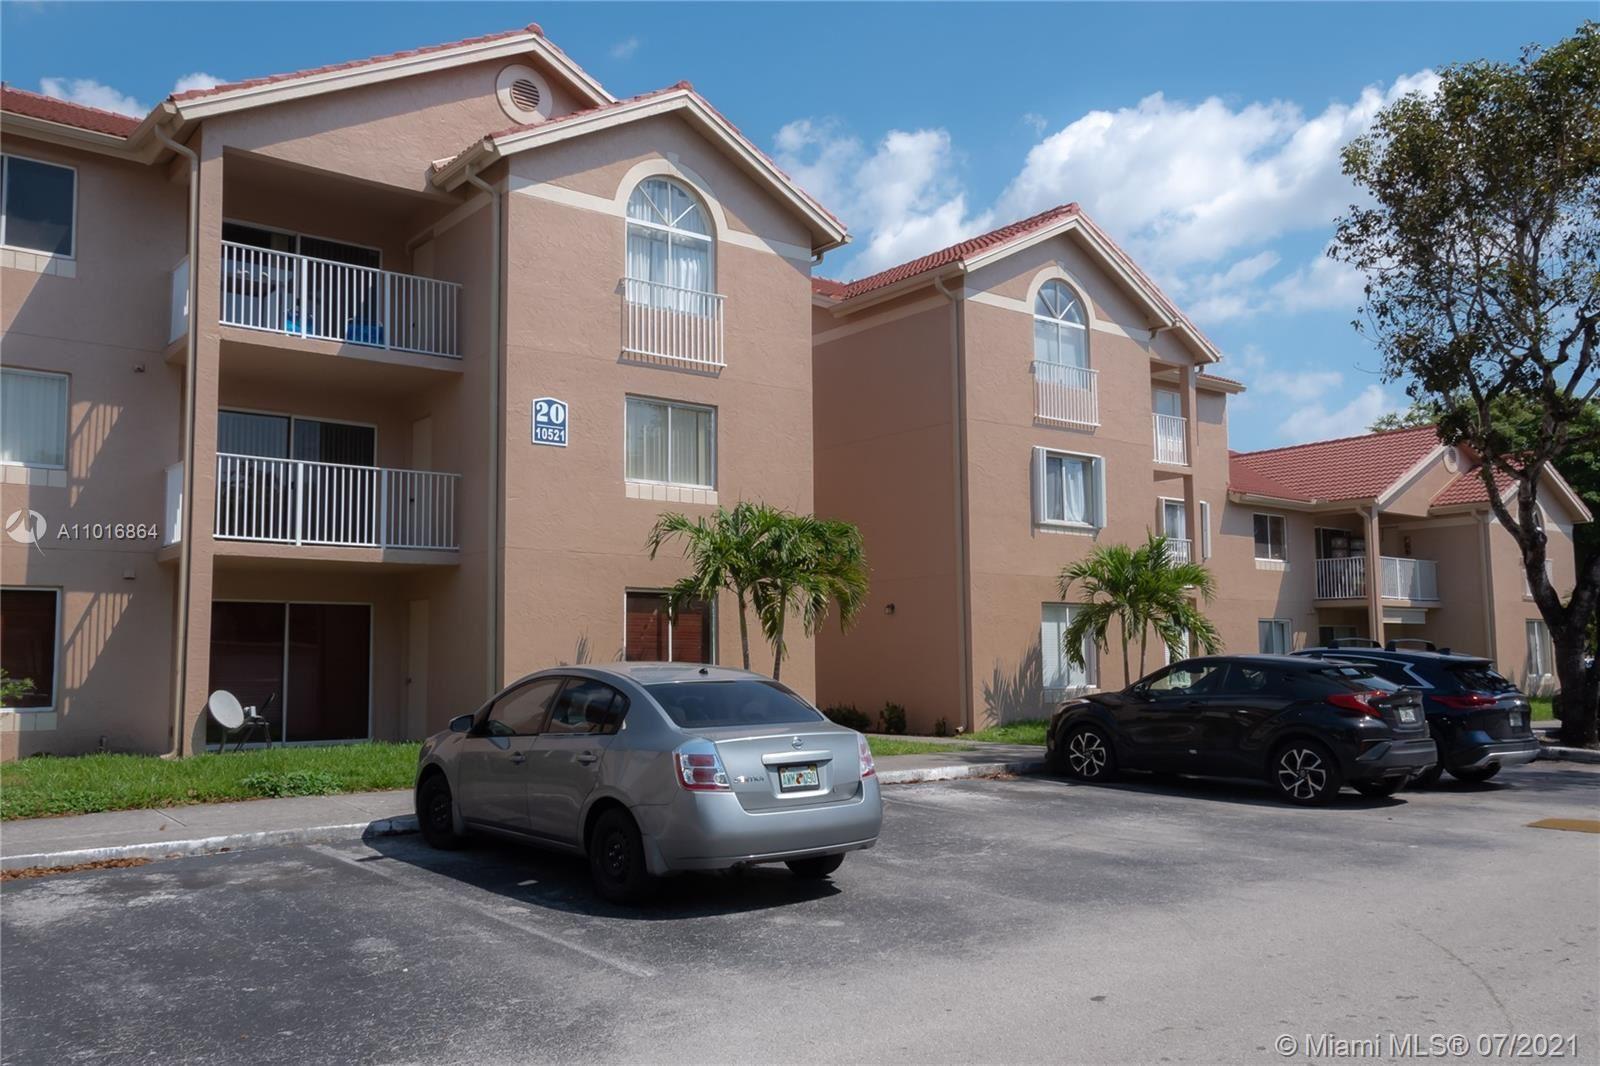 10521 SW 158th Ct #106, Miami, FL 33196 - #: A11016864